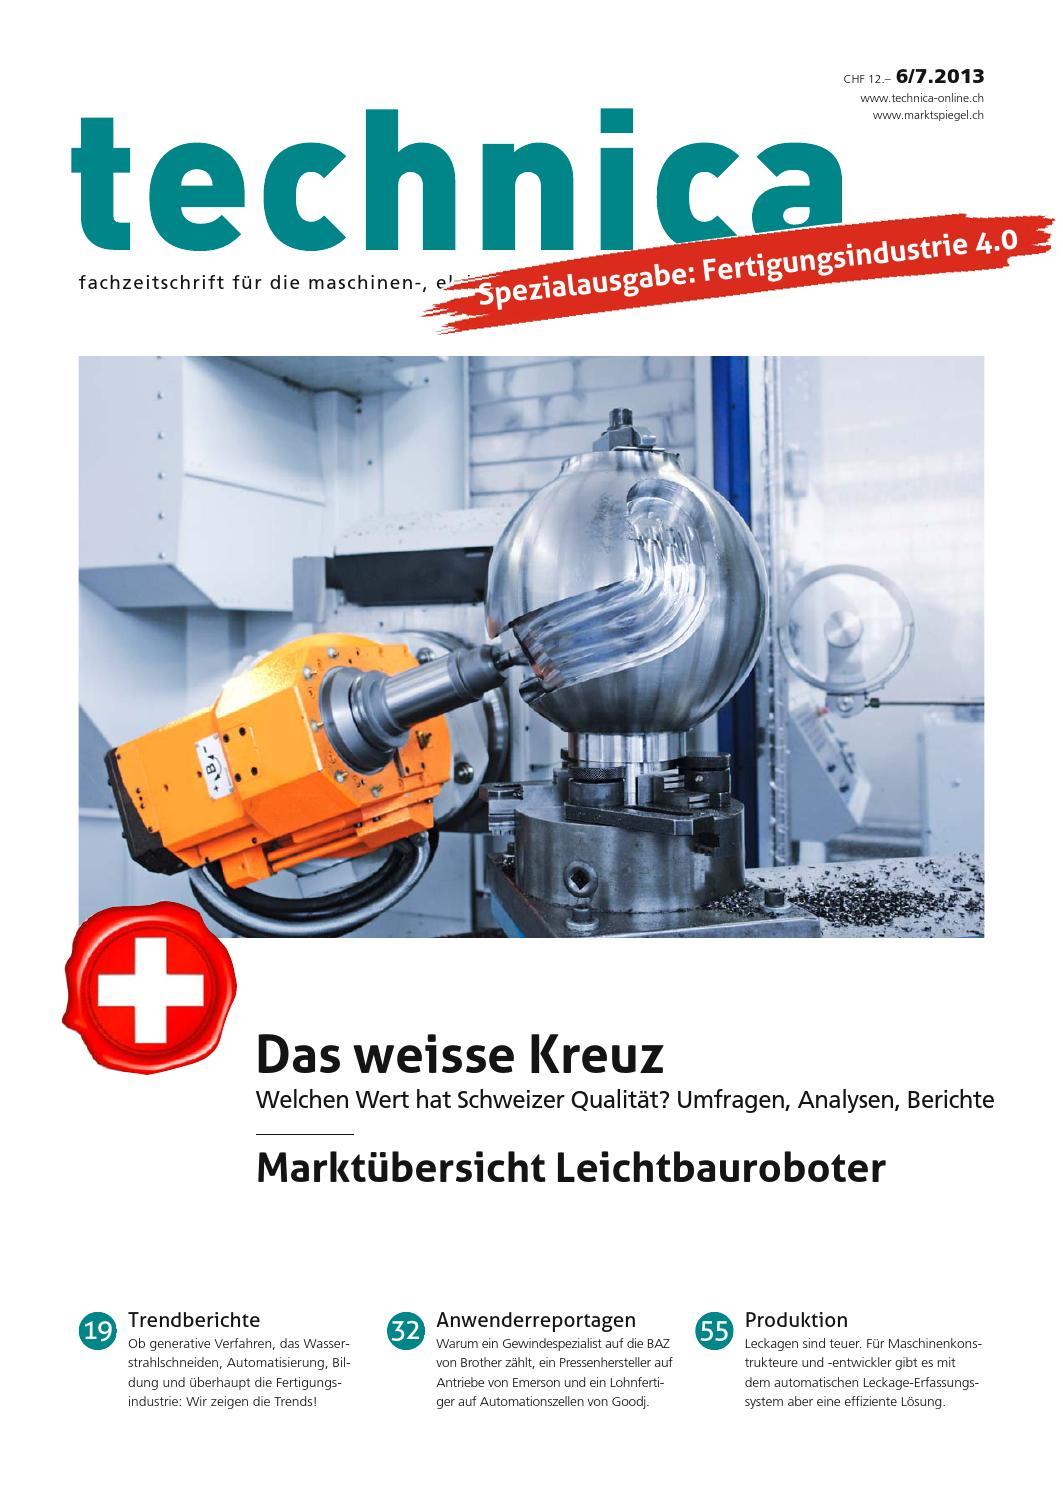 Reparatur-werkzeuge & Kits Uhren Swiss Made 8000 Öl 1 Ml QualitäT Und QuantitäT Gesichert